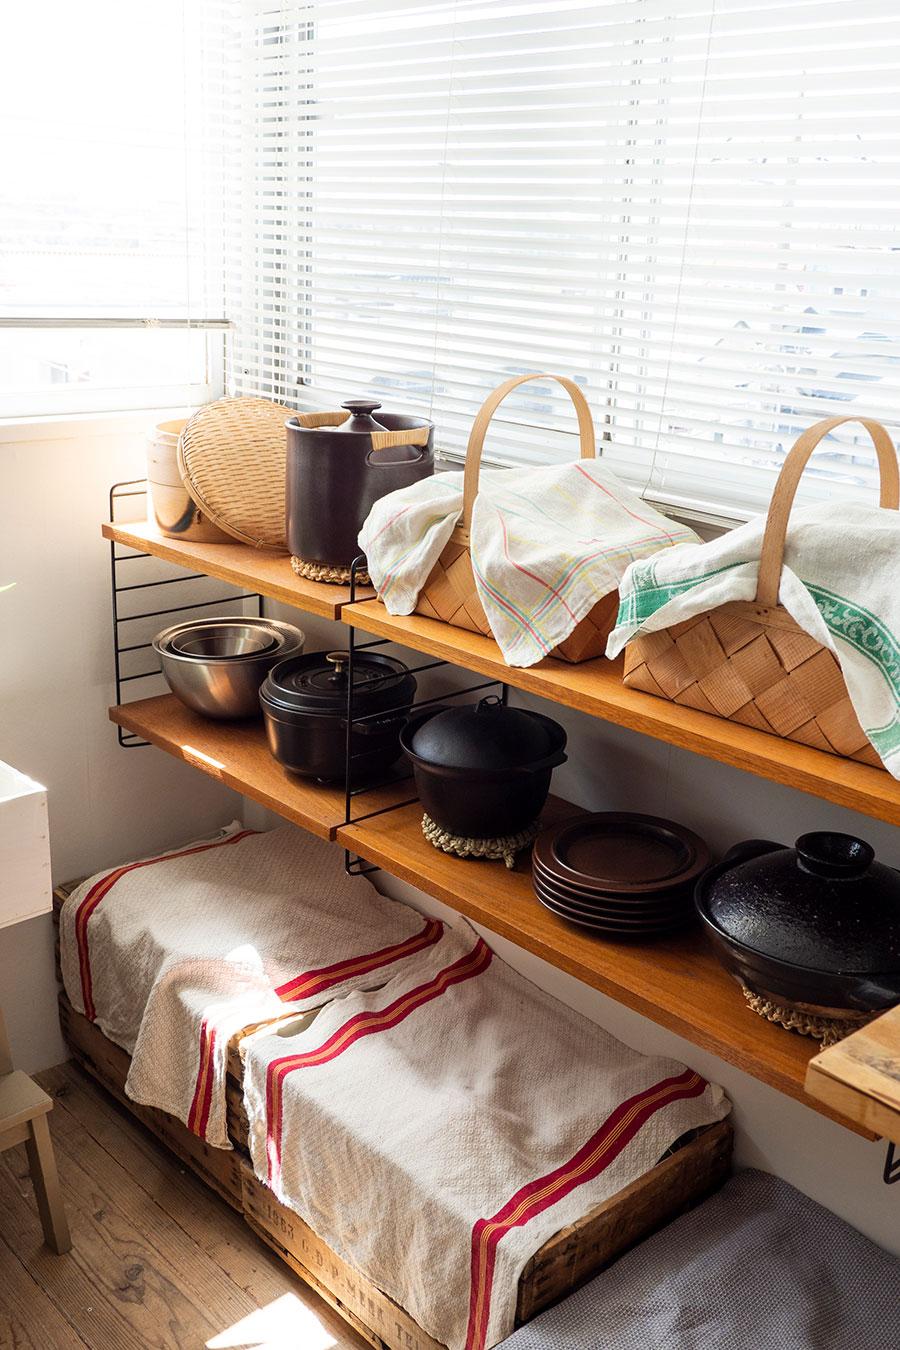 見晴らしのいいキッチンでは、土鍋でご飯を炊いたり、STAUBで煮込み料理を作ったり。